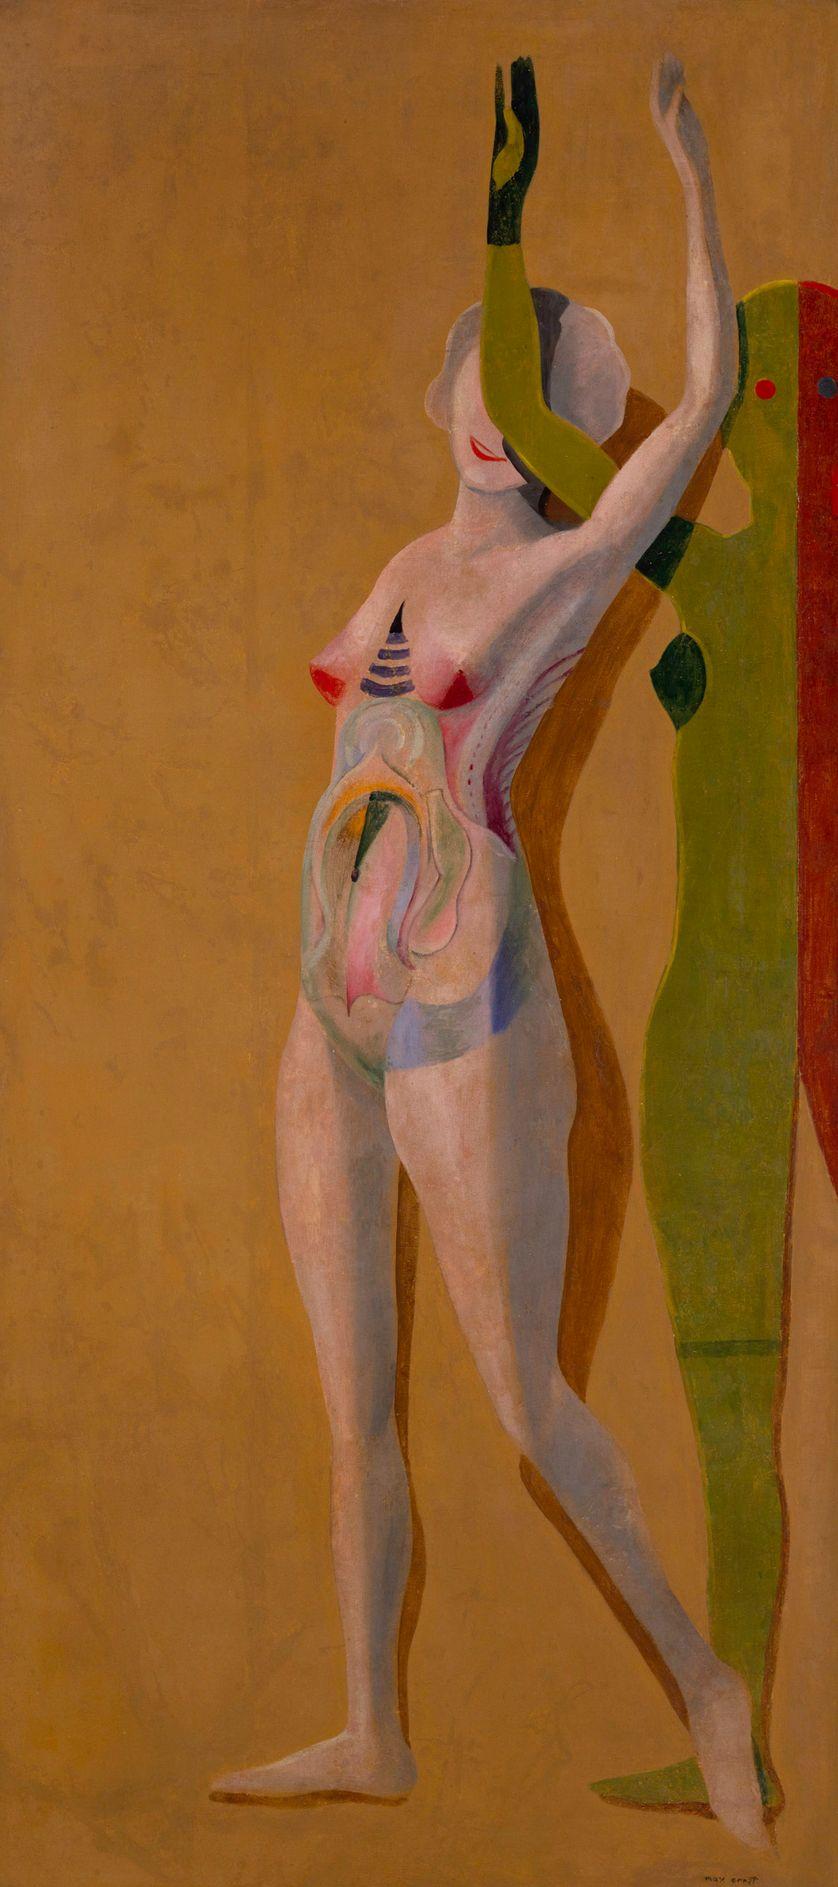 Max Ernst  [Il ne faut pas voir la réalité telle que je suis],1923  Huile sur plâtre, déposée sur toile  175 x 80 cm  Dation, 1982